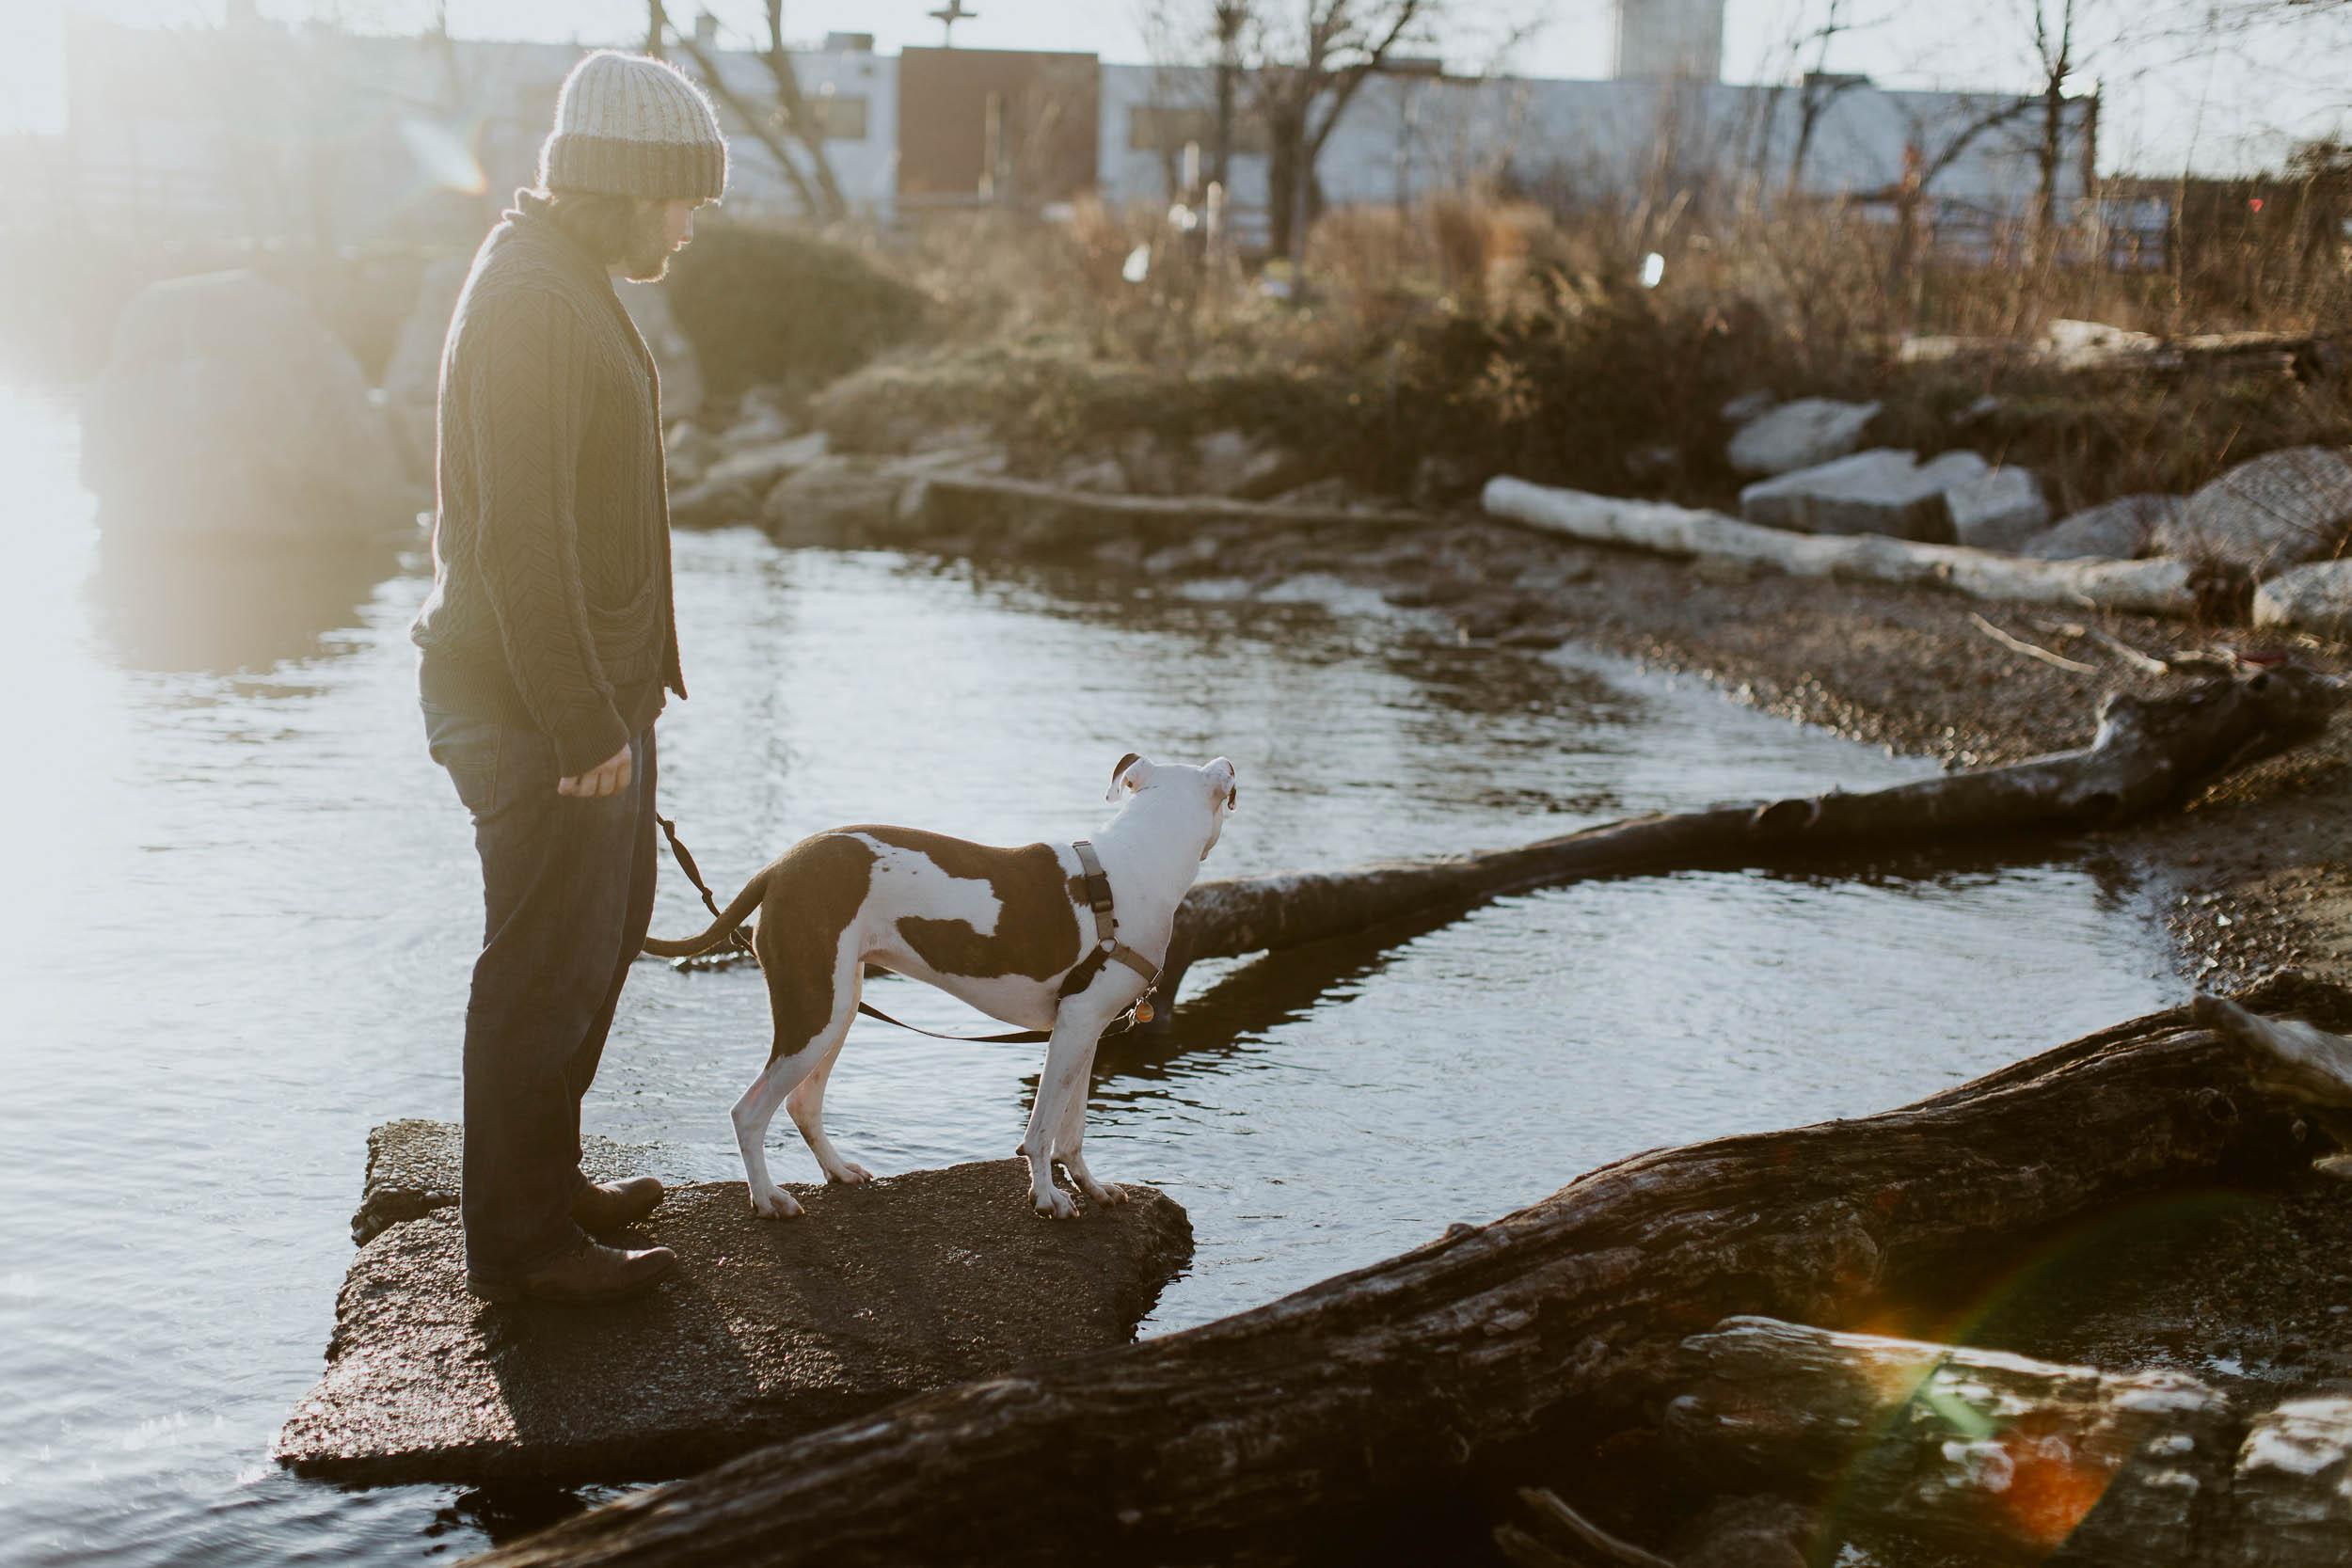 Kristen-Humbert-Family-Photoshoot-Philadelphia_Ruby-James-W-2-34.jpg